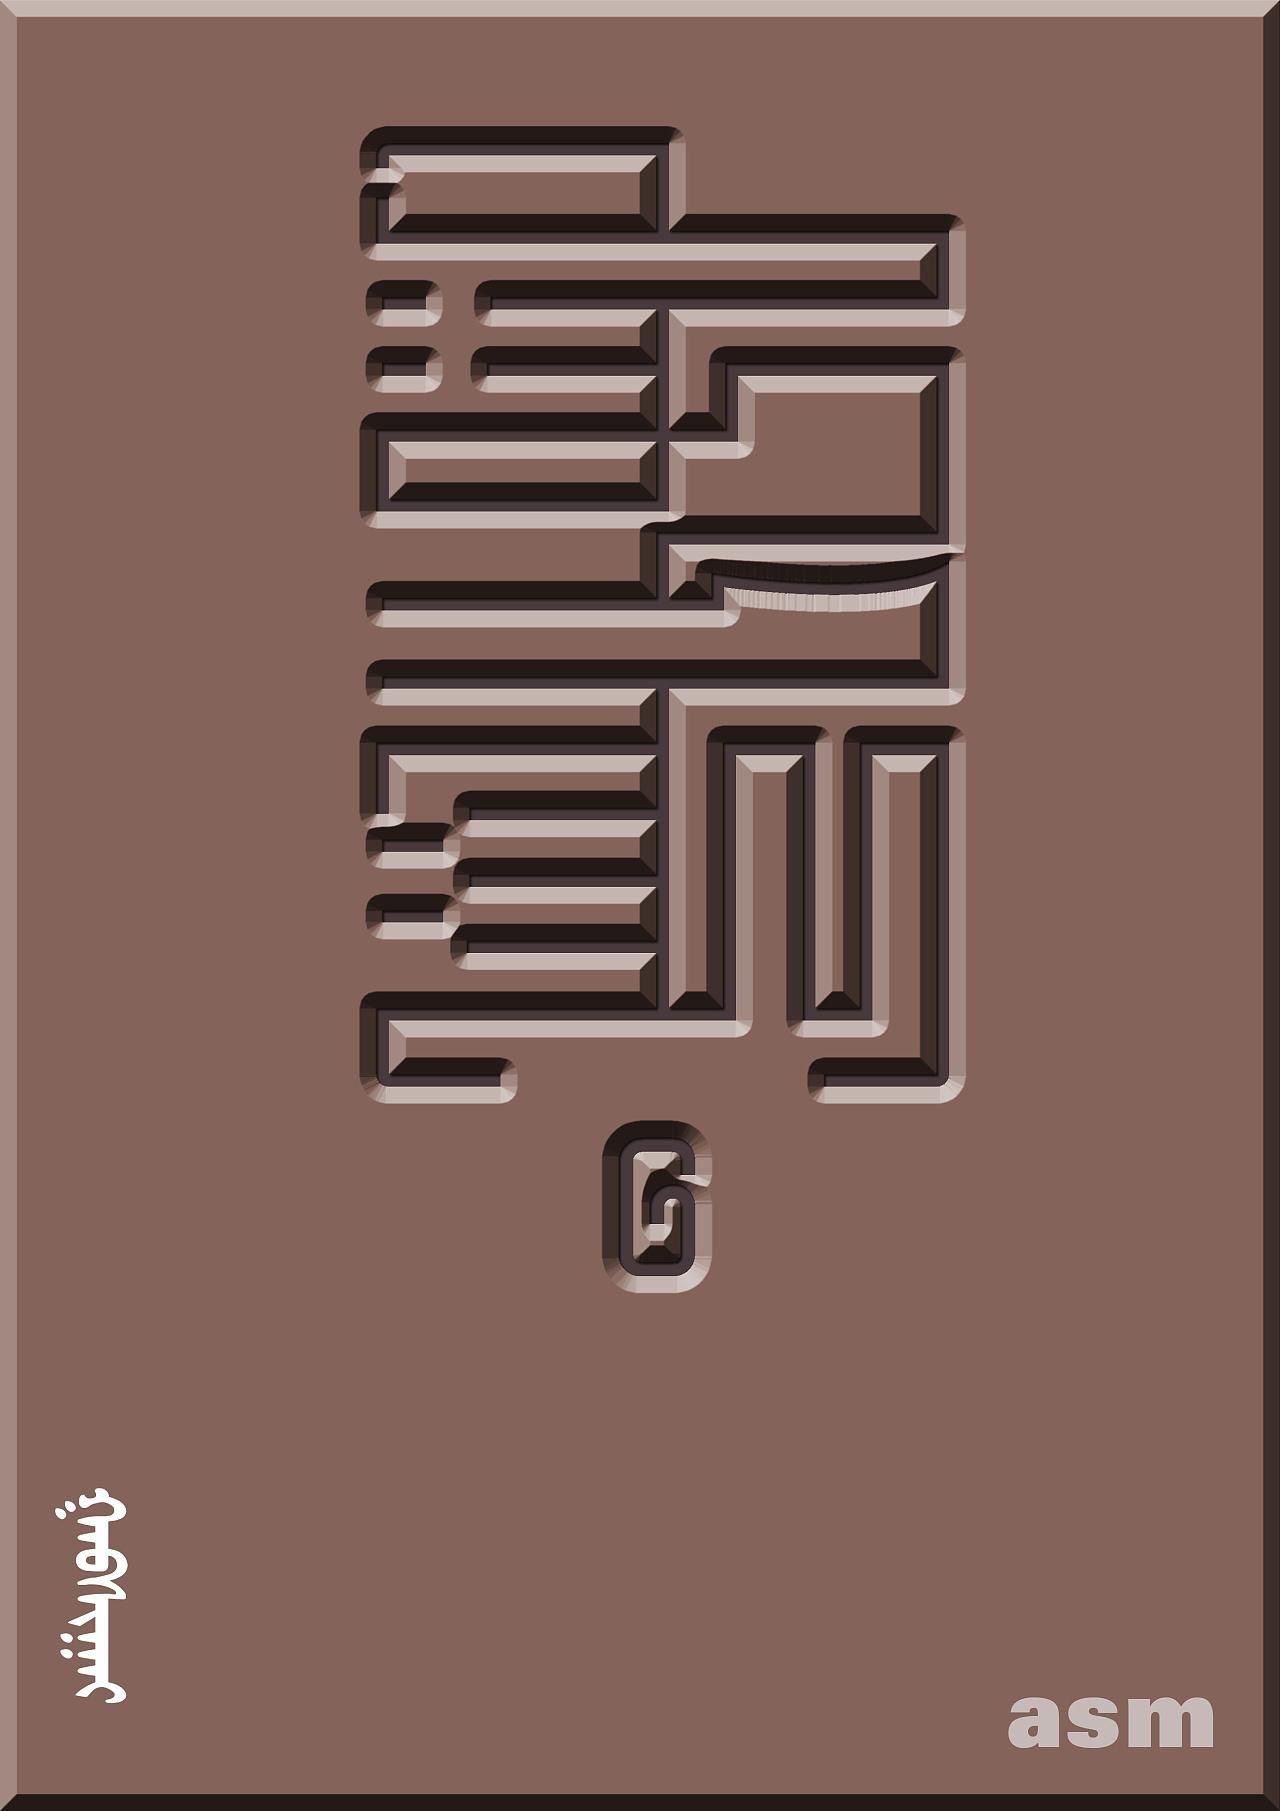 蒙古艺术文字4 -阿斯玛设计 第5张